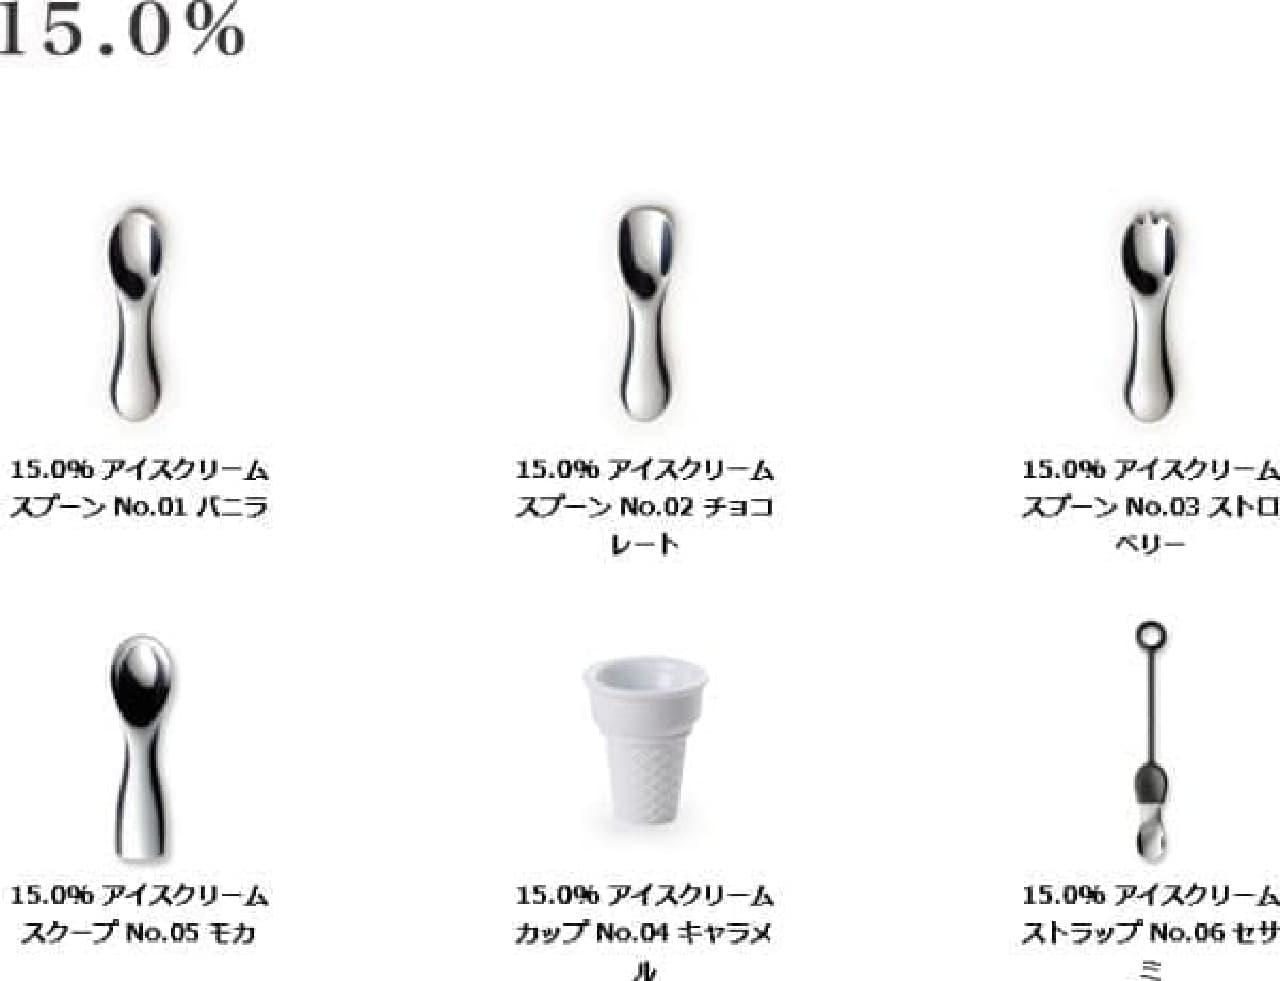 「15.0% アイスクリームスプーン」のラインナップ